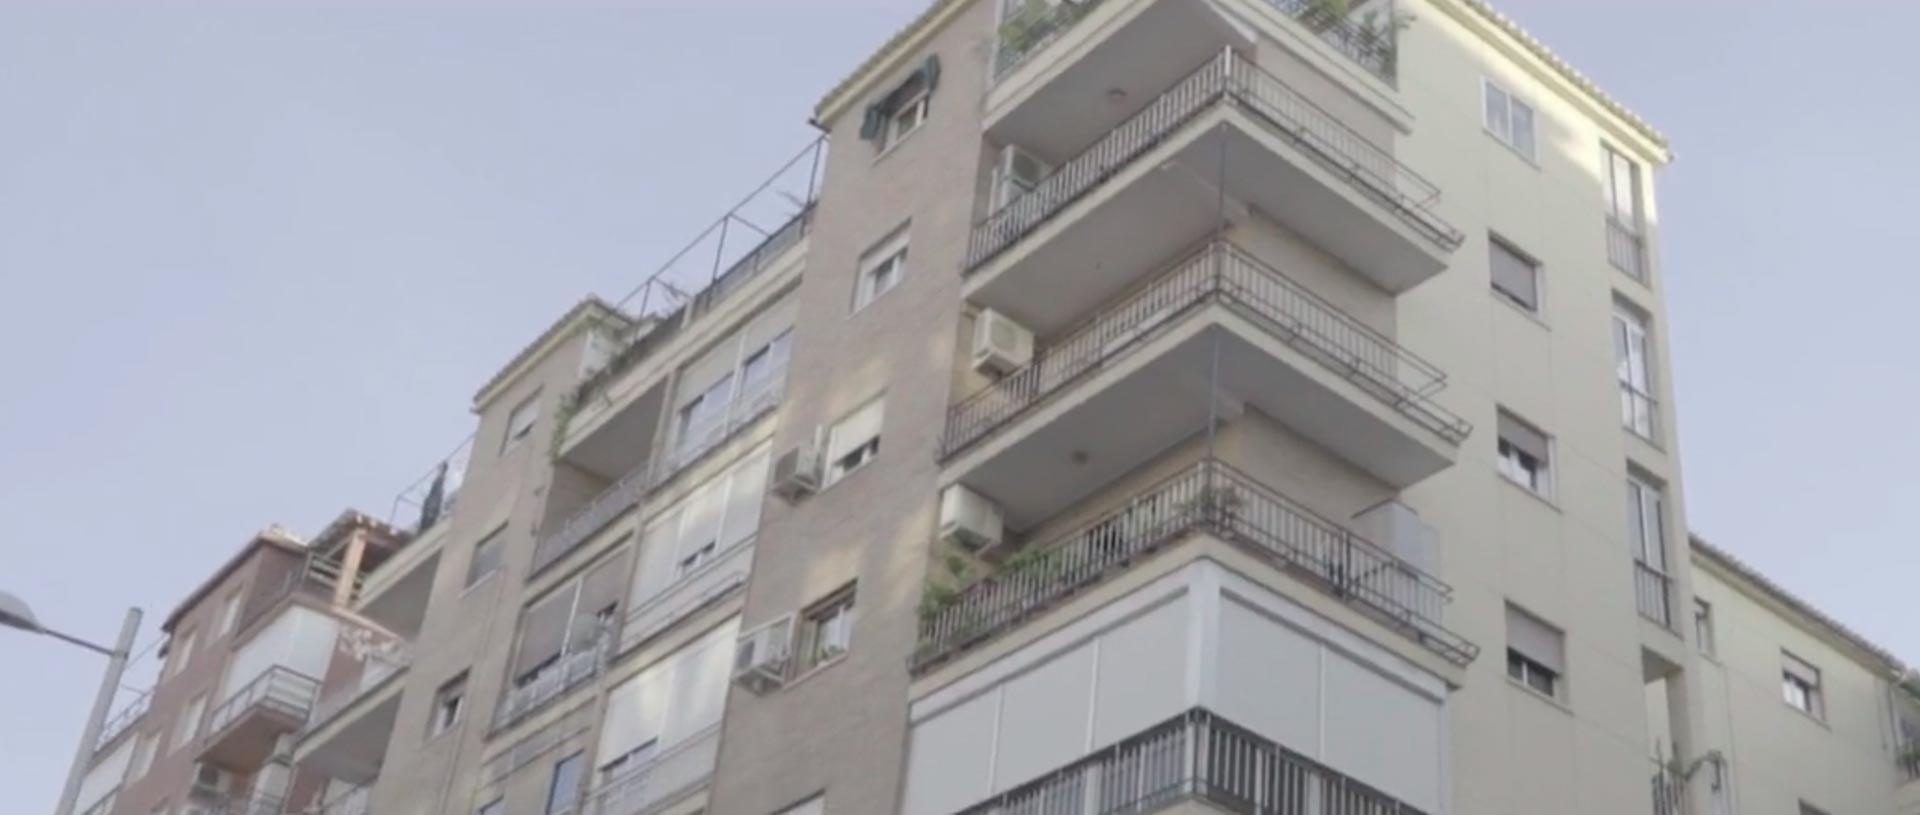 Trailer Escenas del graffiti en Granada